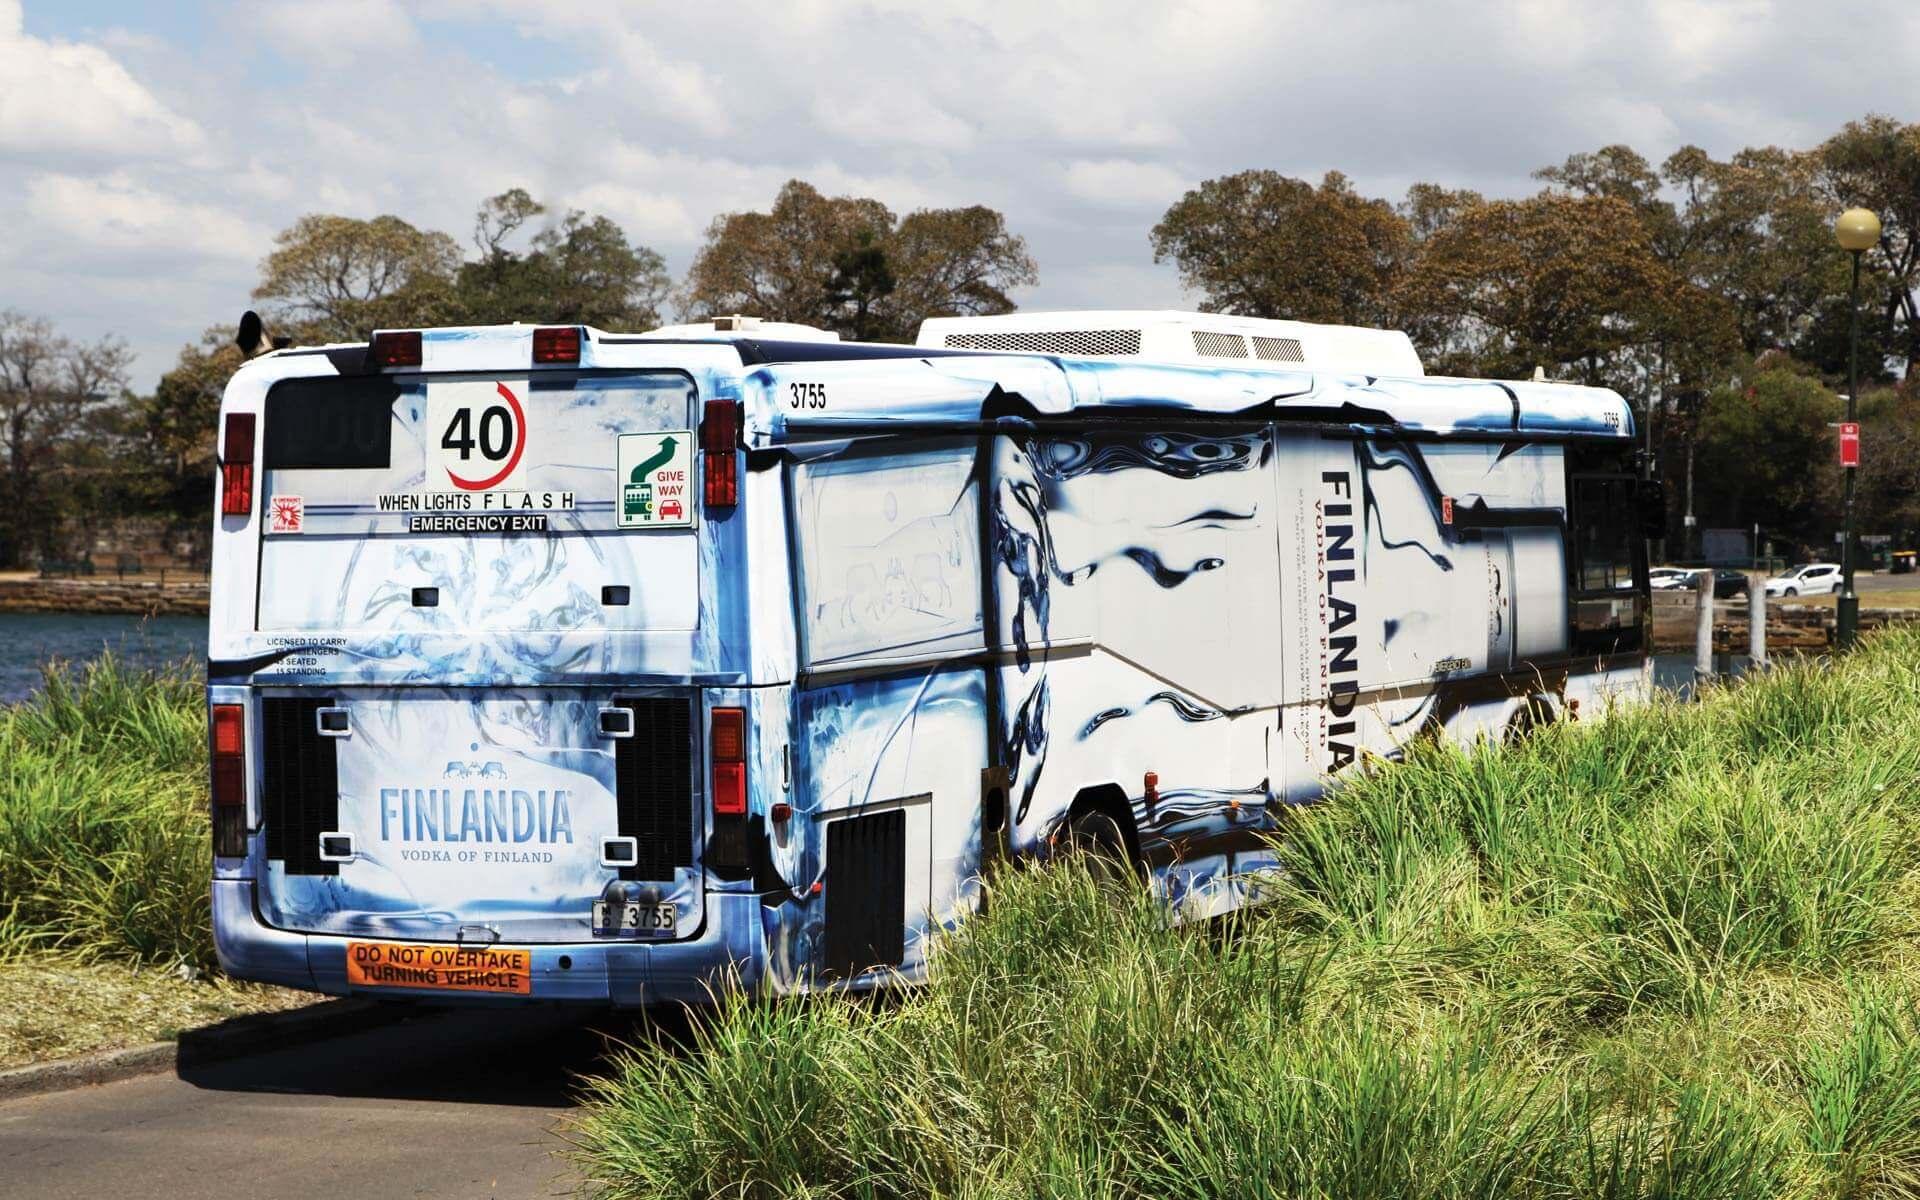 Finlandia bus wrap, back view.